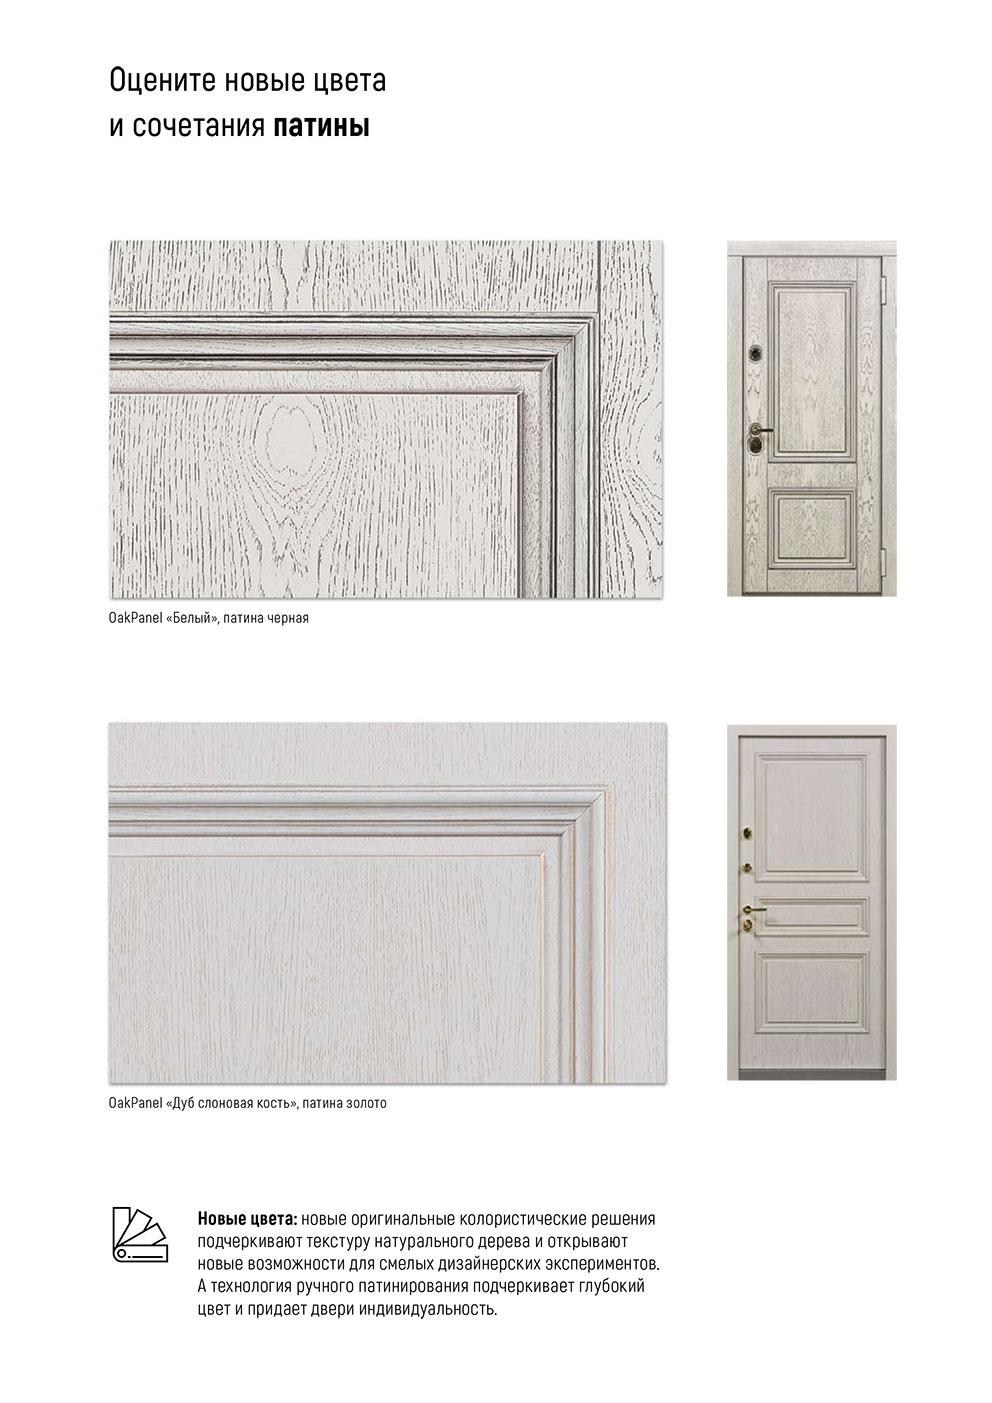 Двери для квартиры по индивидуальному заказу 4